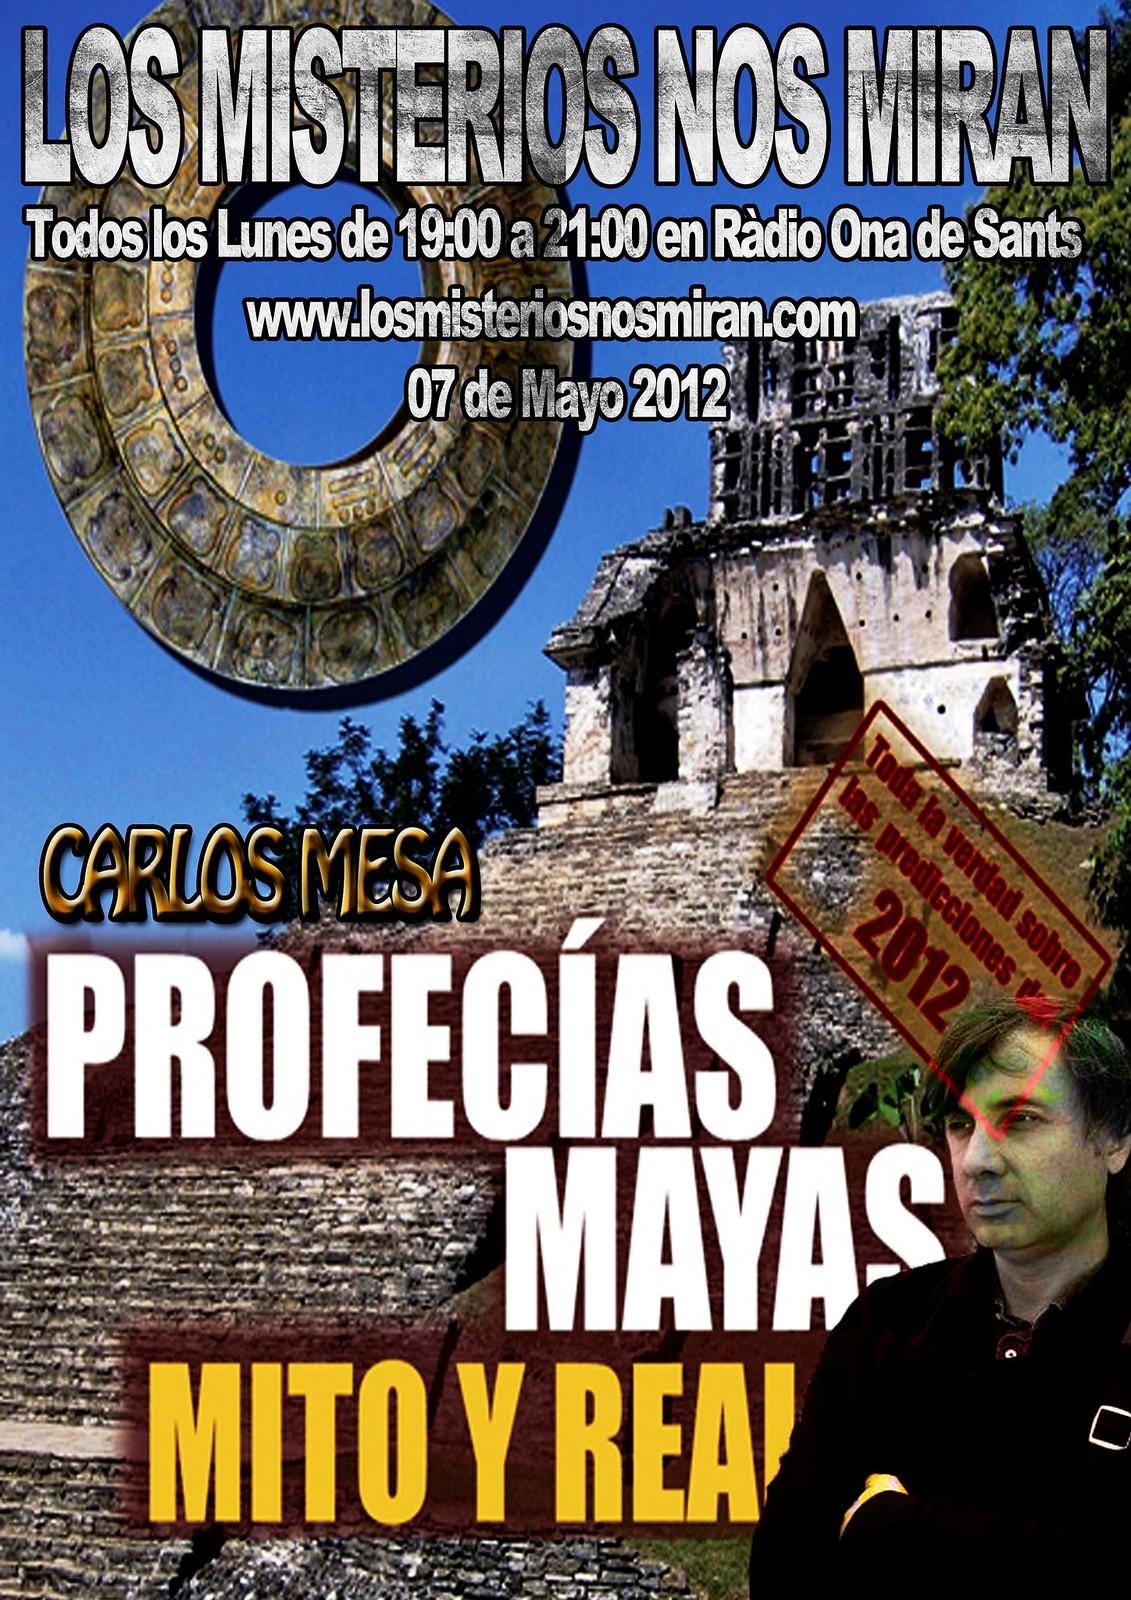 Programa 31: Profecías Mayas, Mito y realidad con Carlos Mesa 1